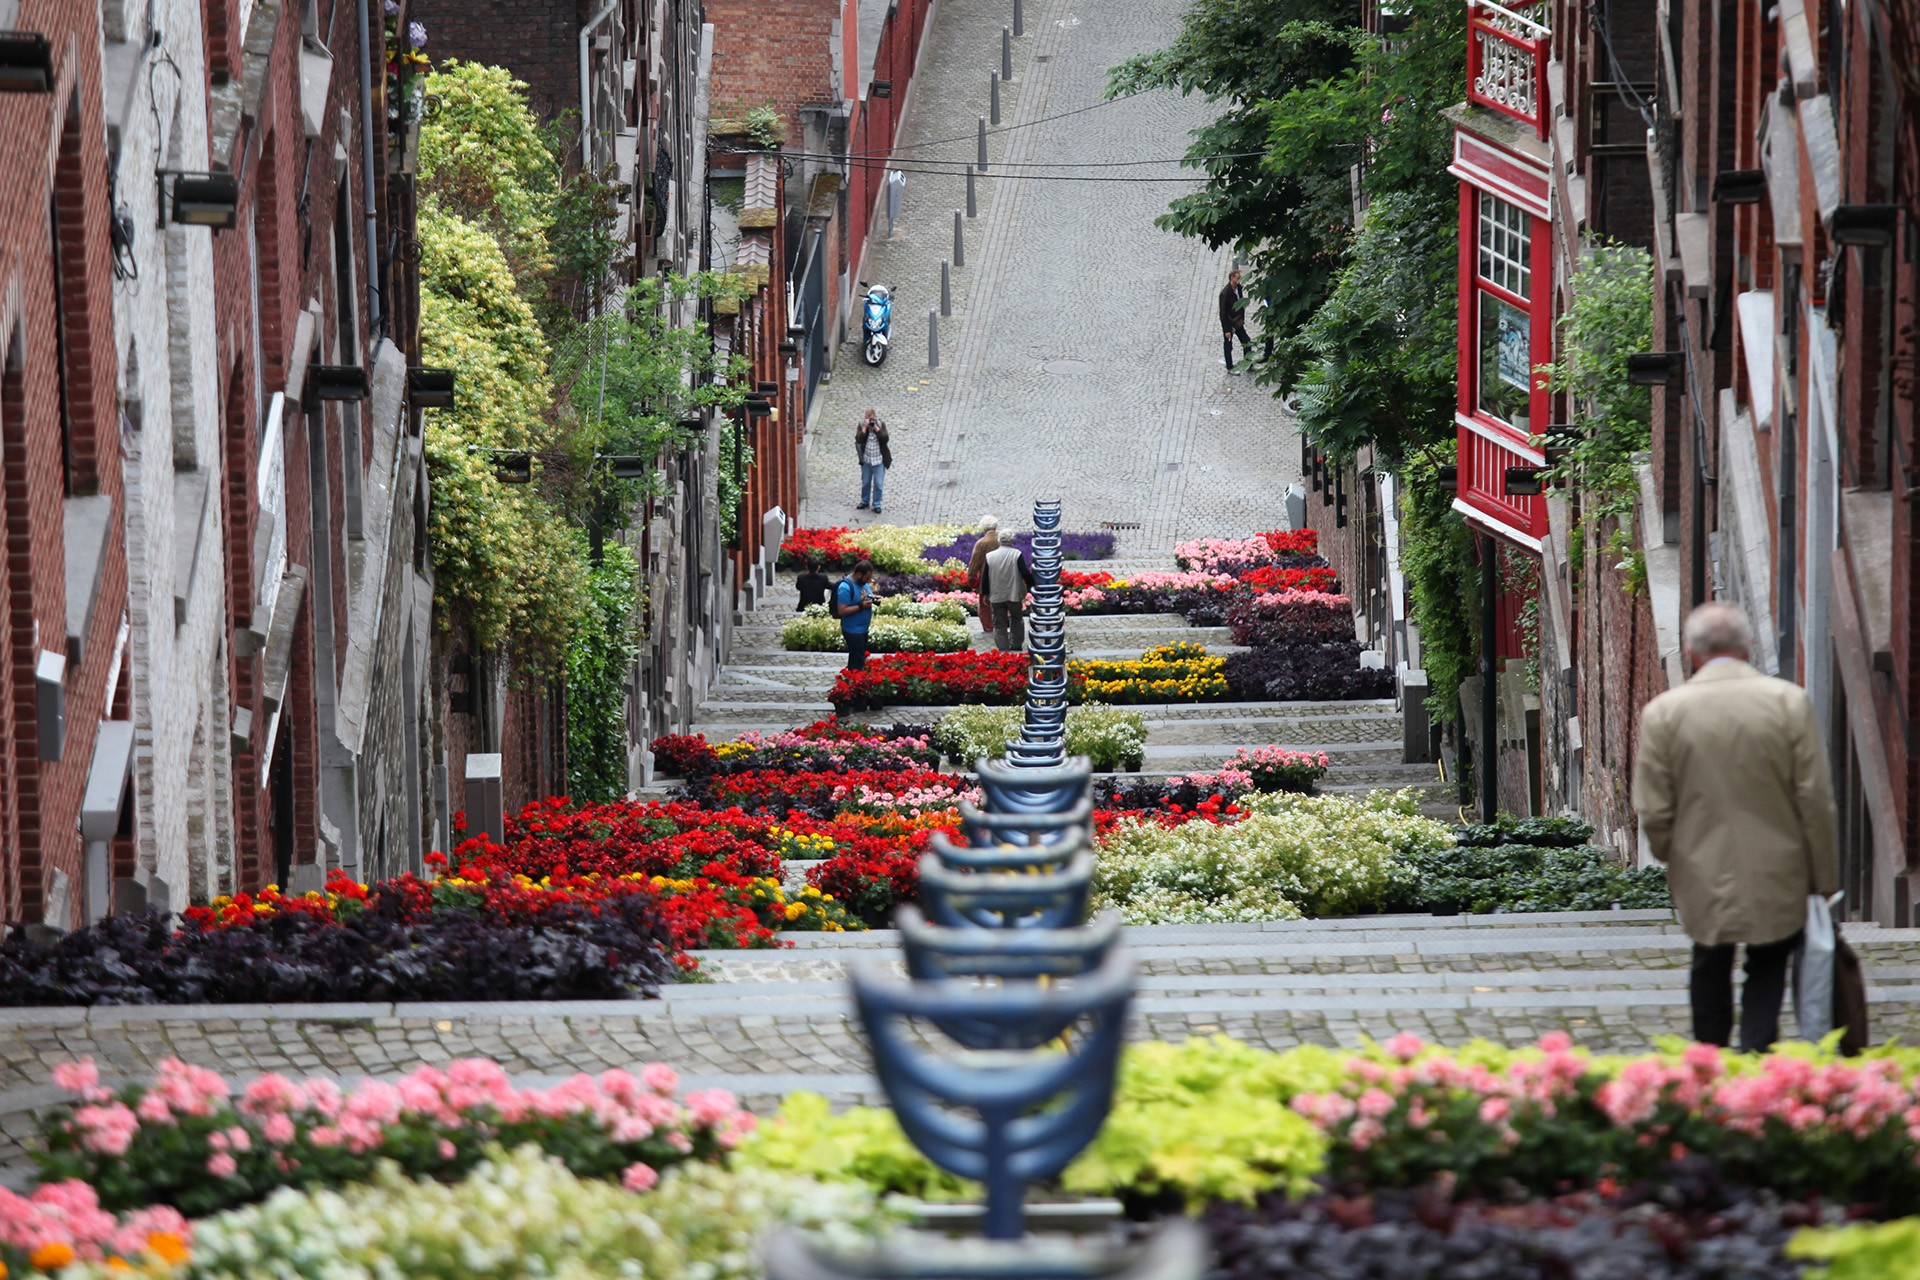 Montagne de Bueren - Escaliers en fleur